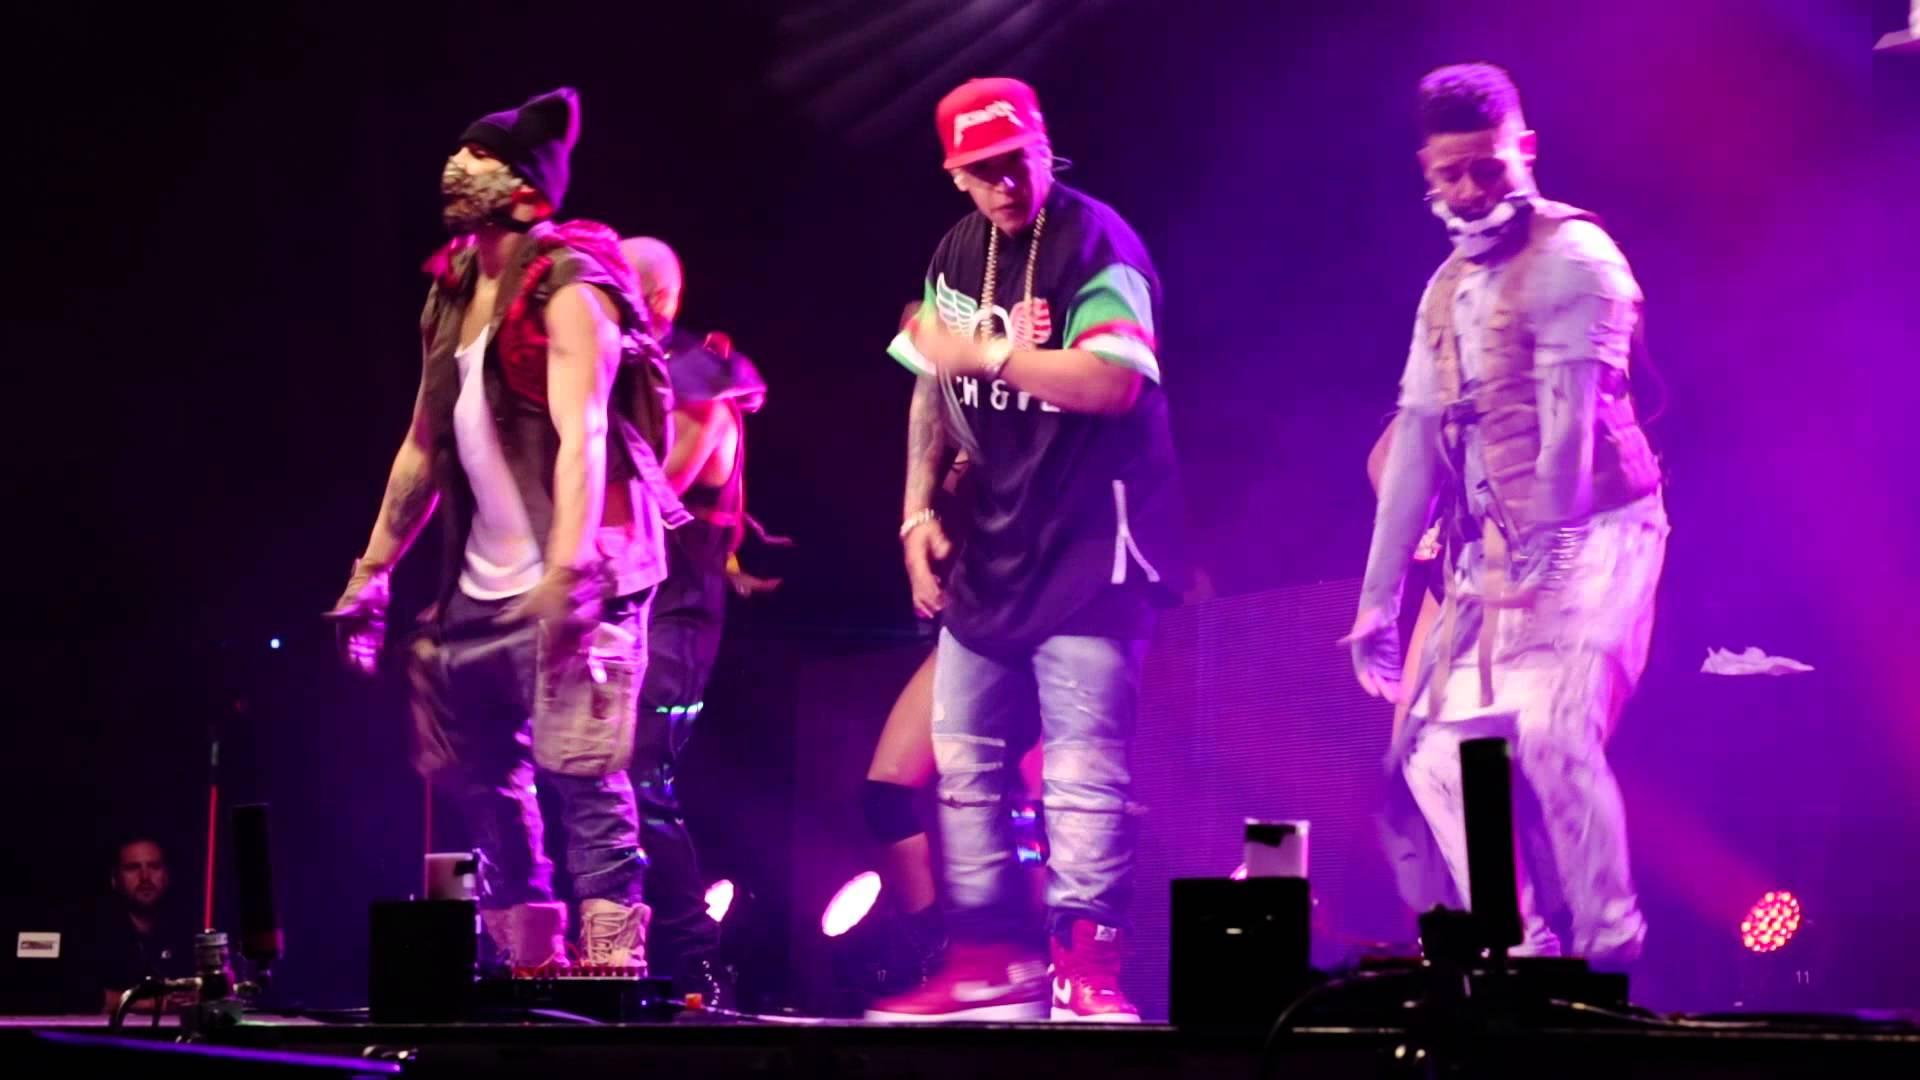 daddy yankee vaiven ciudad de me - Daddy Yankee – Vaivén (Ciudad de México) (Live) (2015)